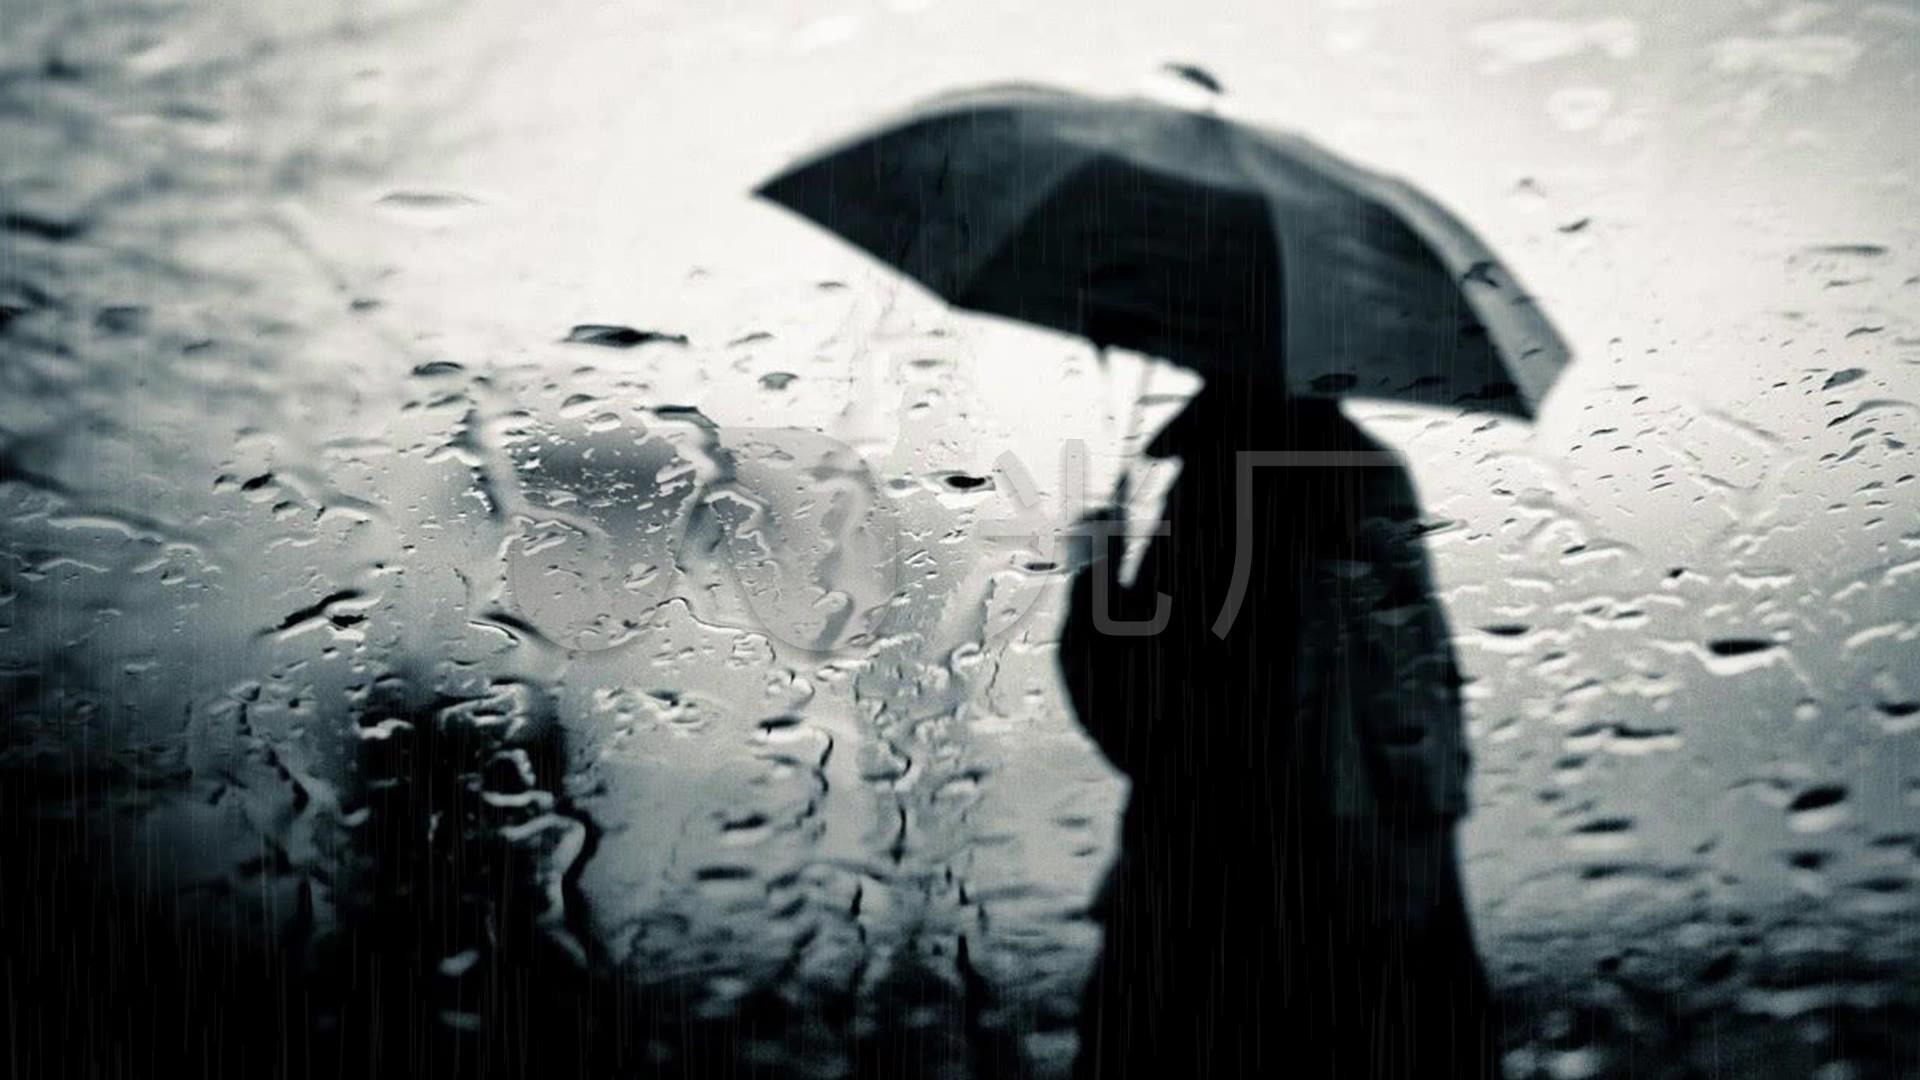 下雨雨中打伞的男人_1920x1080_高清视频素